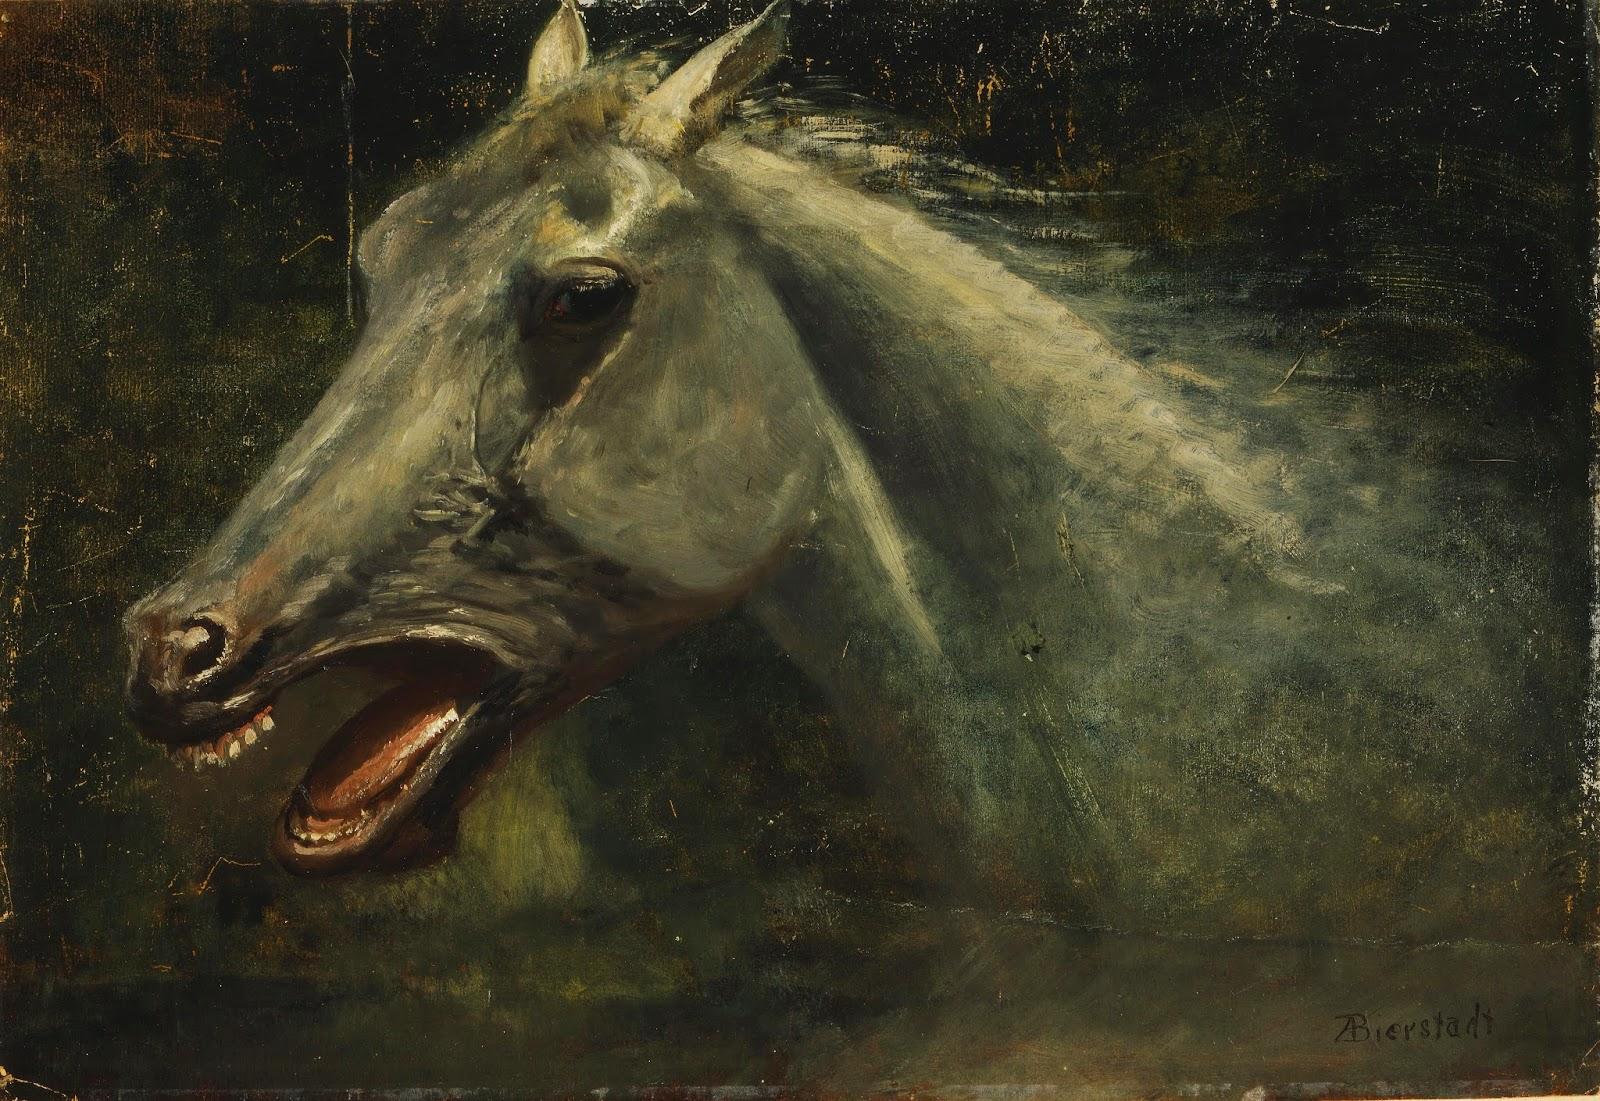 Albert Bierstadt, Fuentes, Instynkt pięknej Inez, Okres ochronny na czarownice, Carmaniola